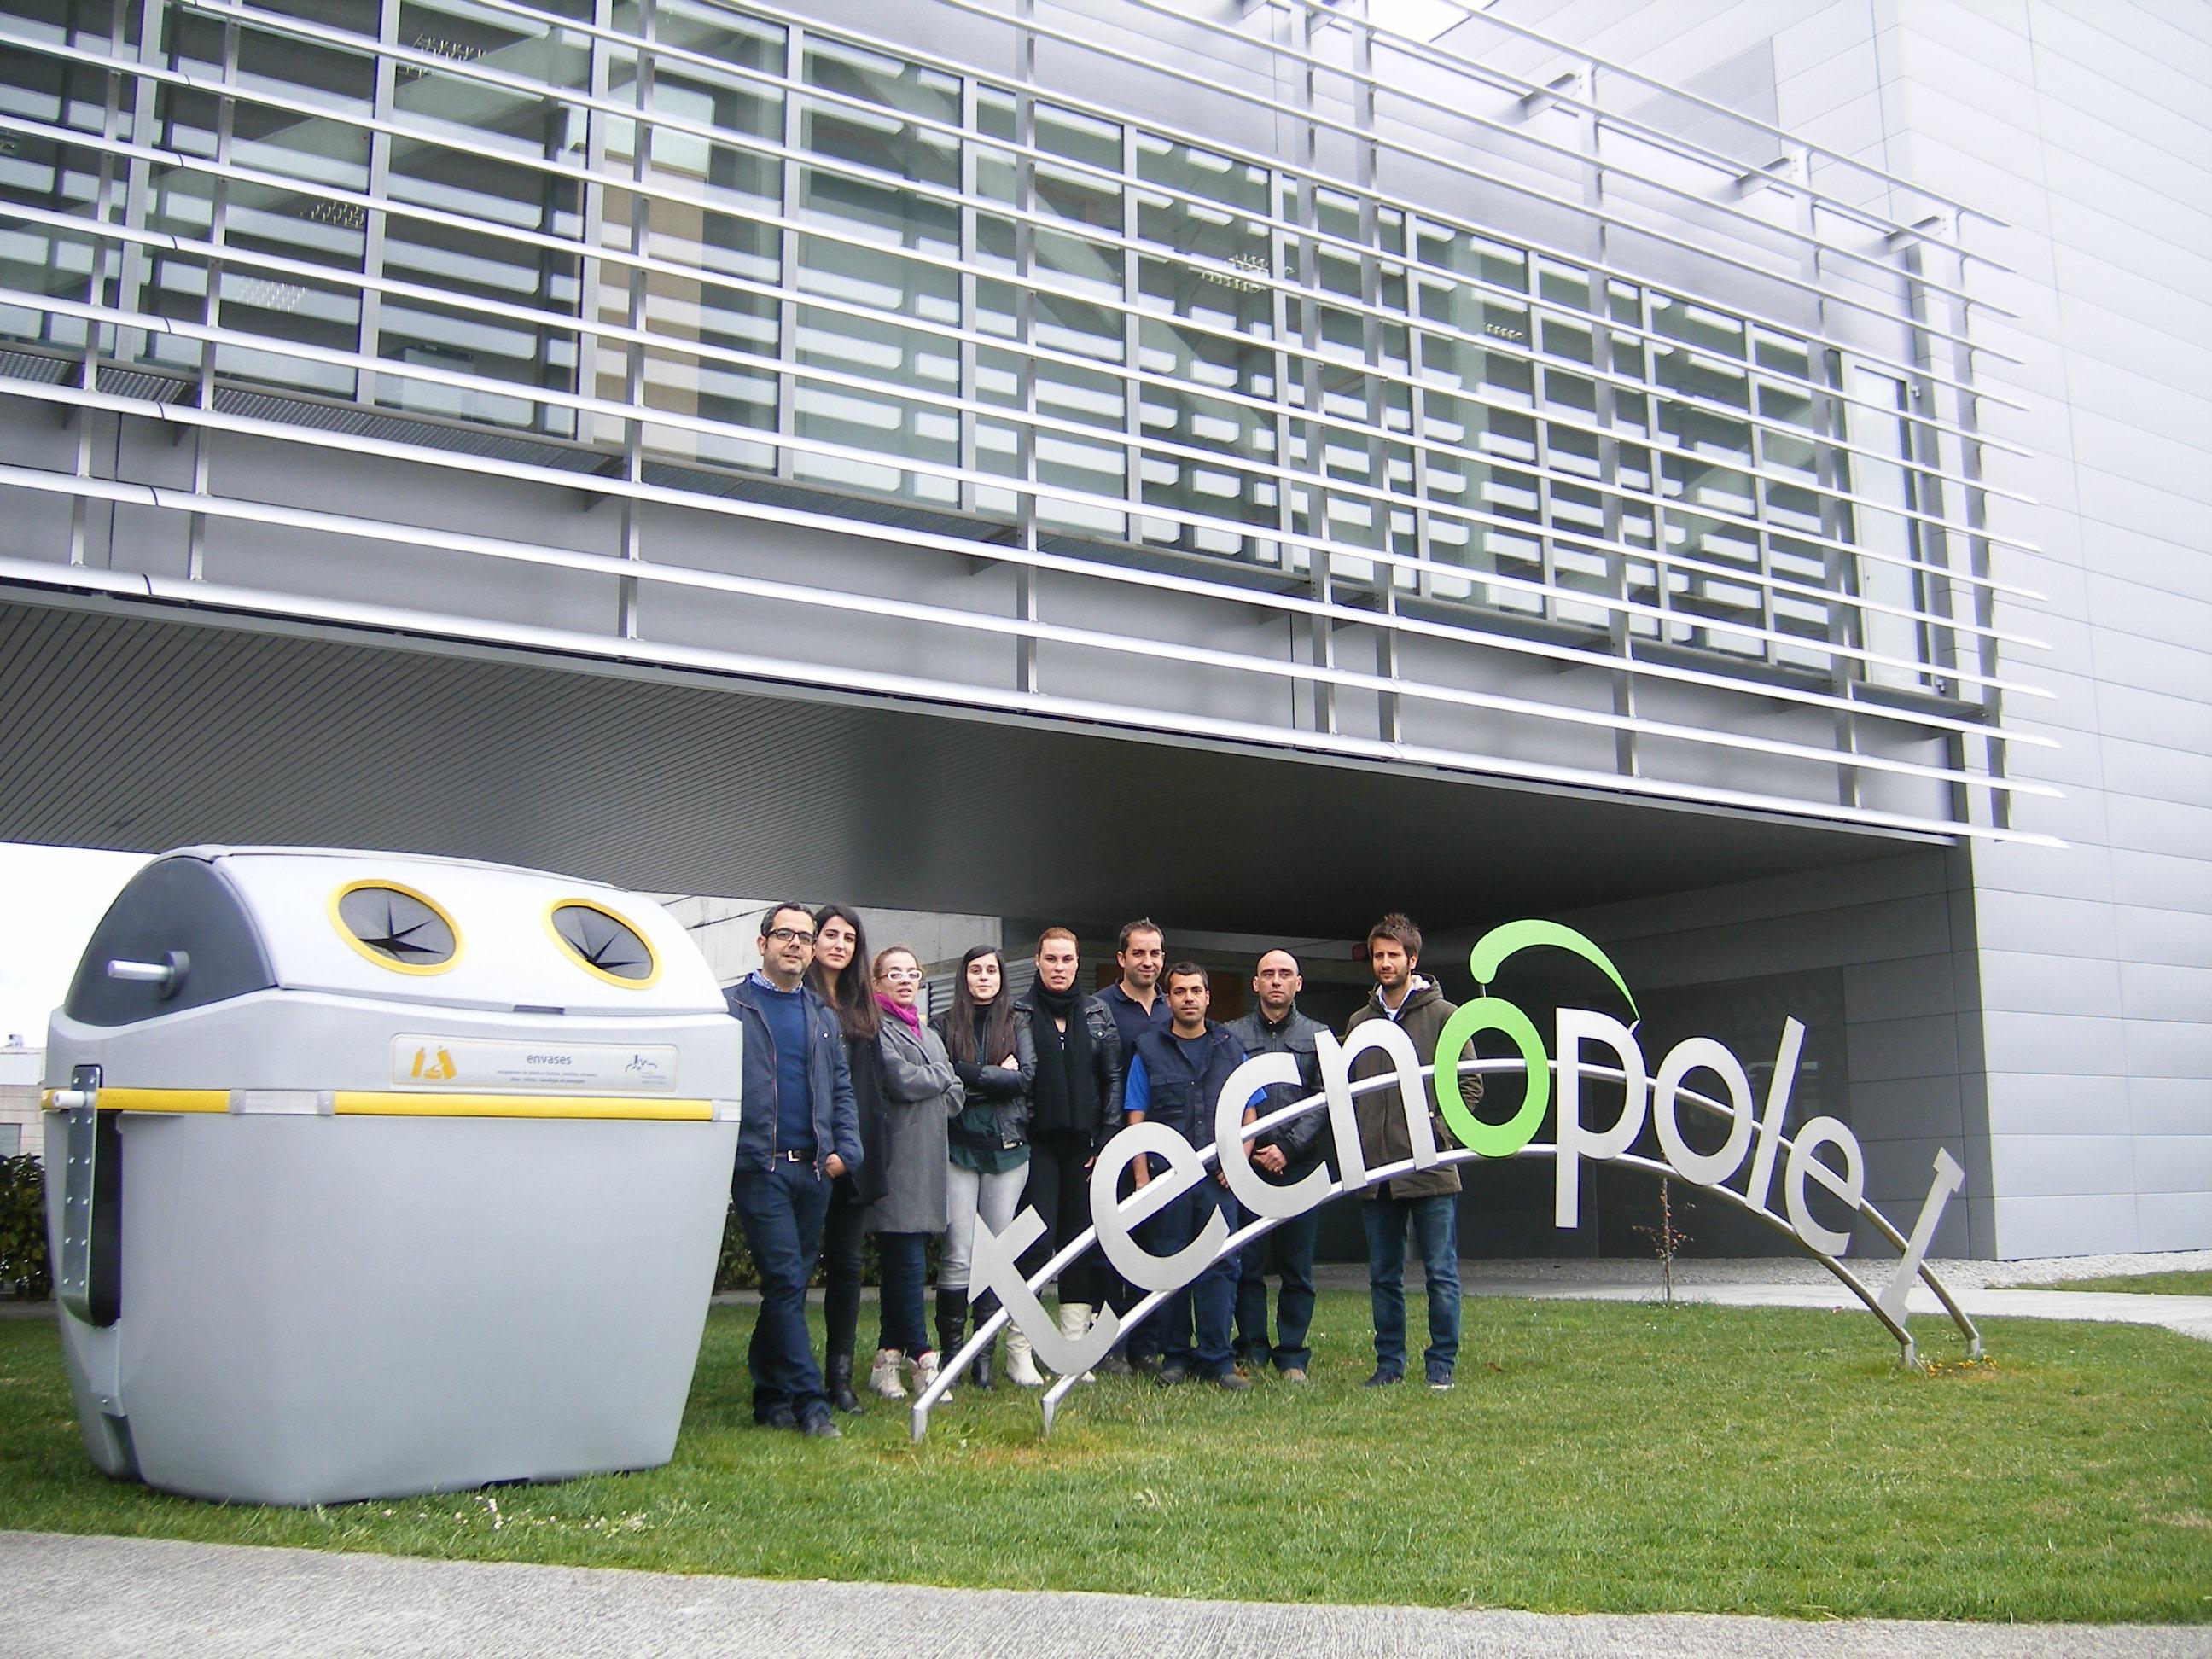 El contenedor de basura creado en Galicia gana un prestigioso premio internacional de diseño industrial